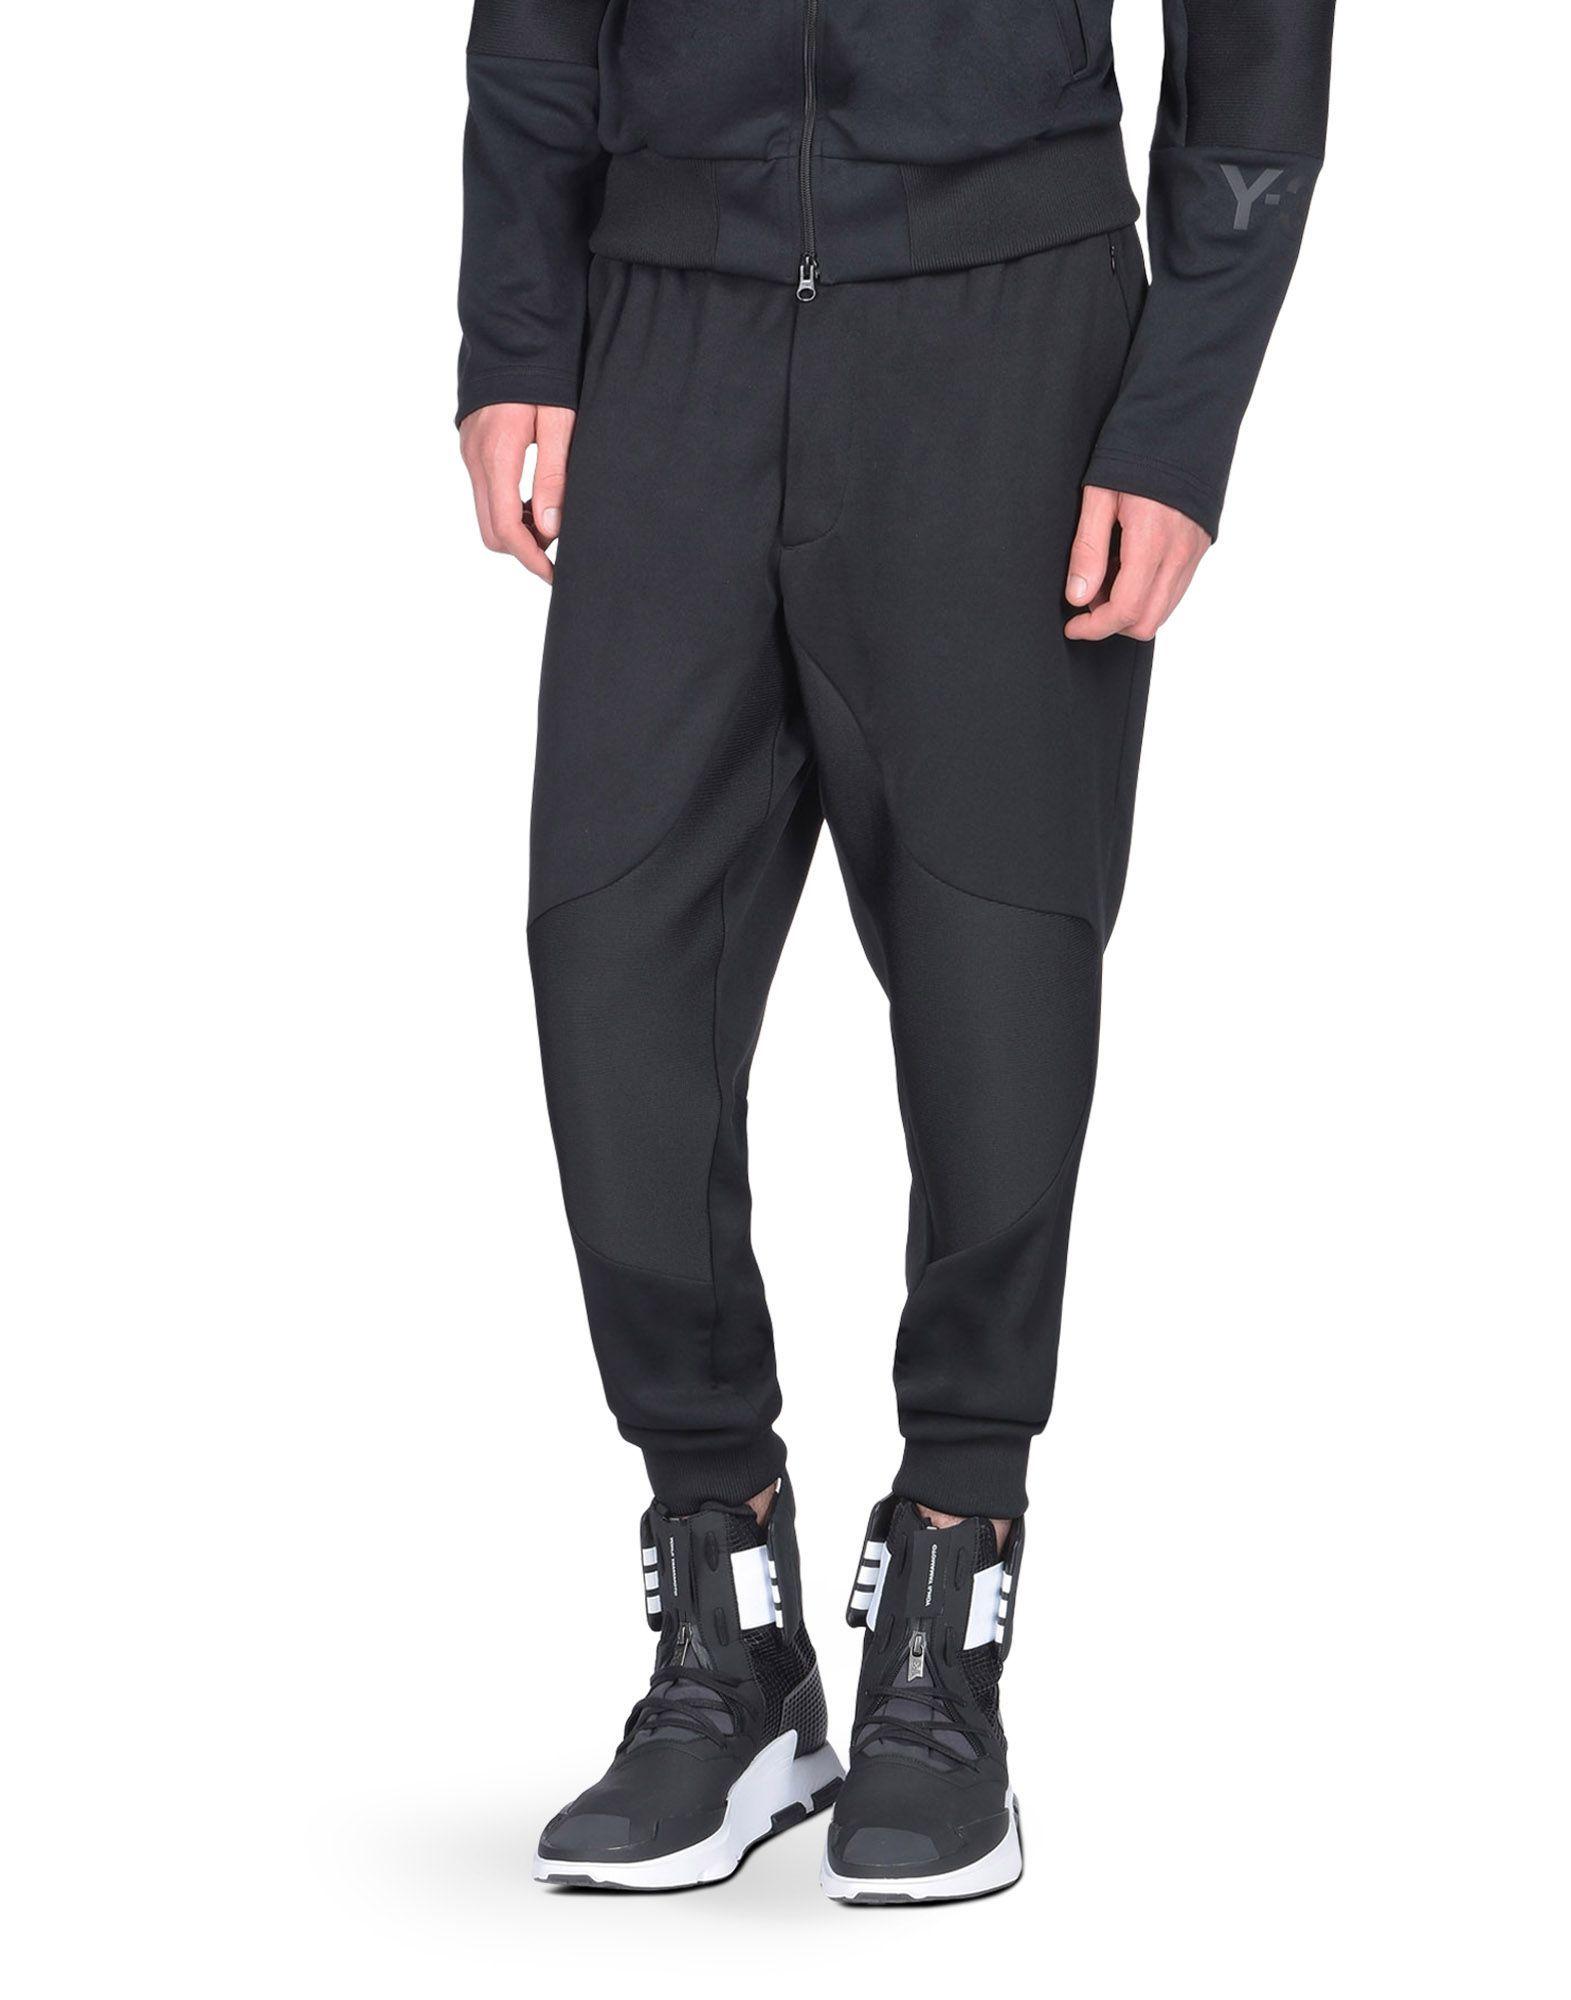 Y-3 CORE TRACK PANT PANTS man Y-3 adidas  b1af698aa6d5